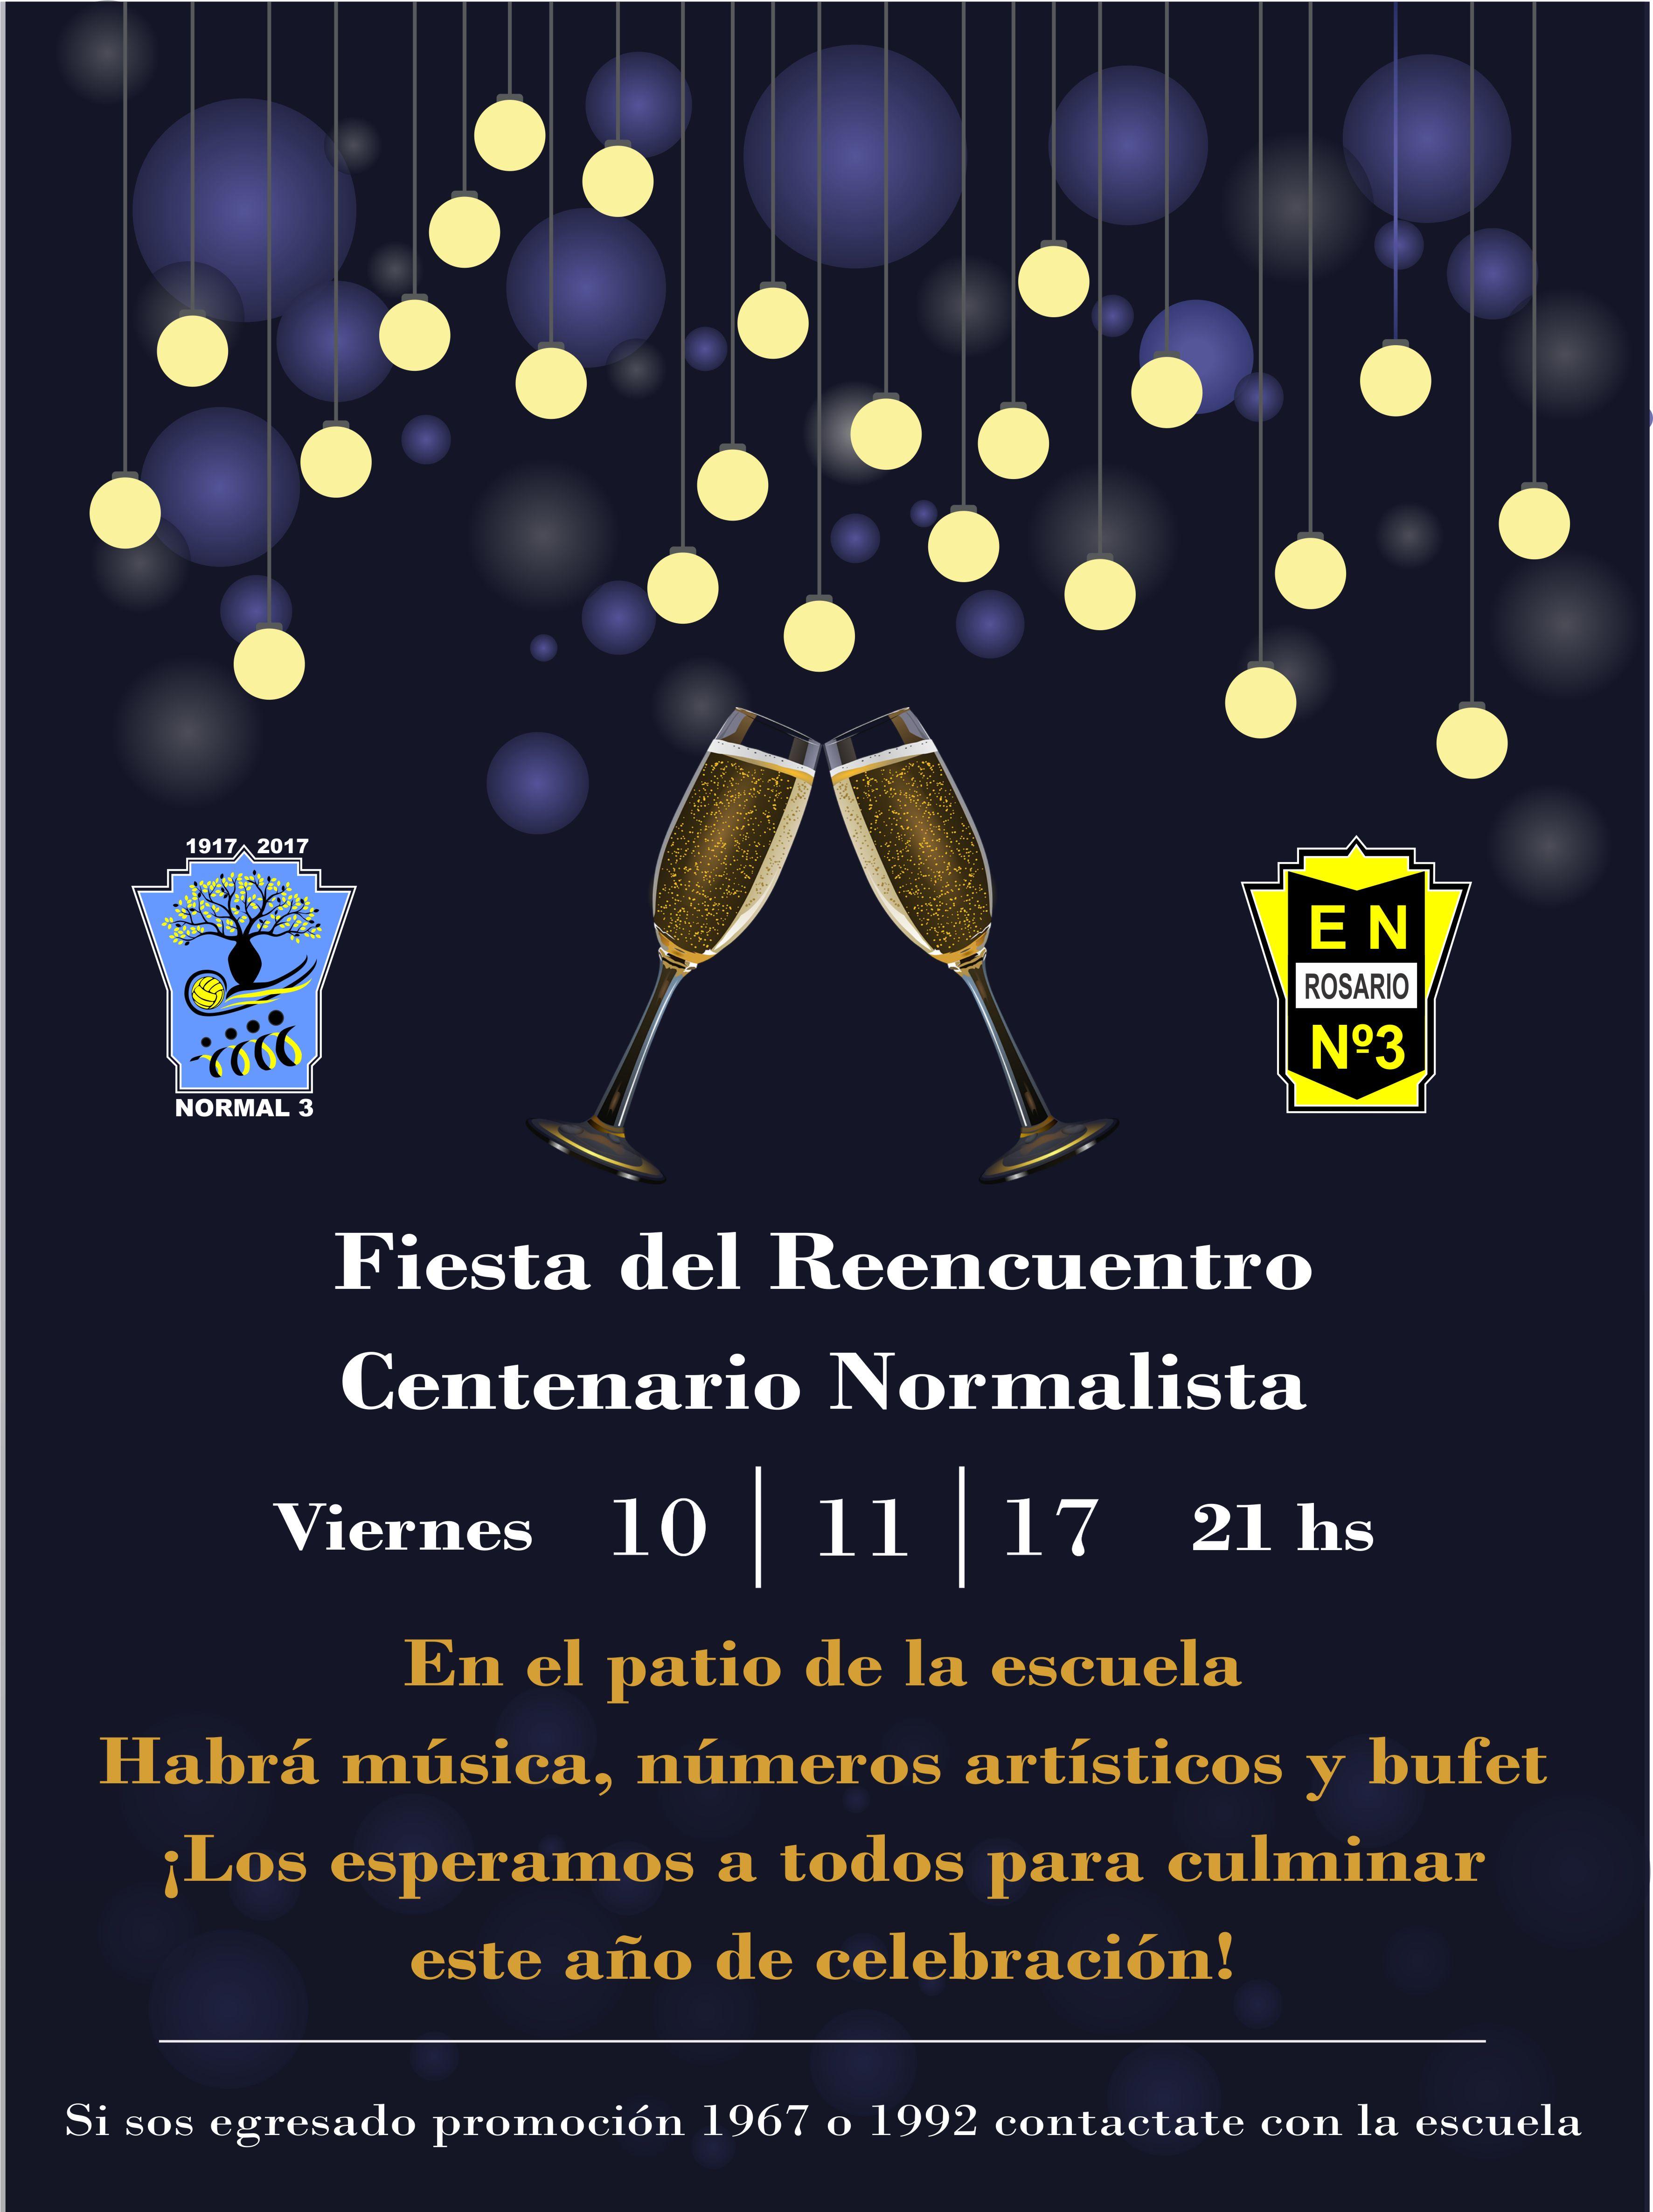 Fiesta Del Reencuentro Centenario Normalista 10 11 2017 21 Hs